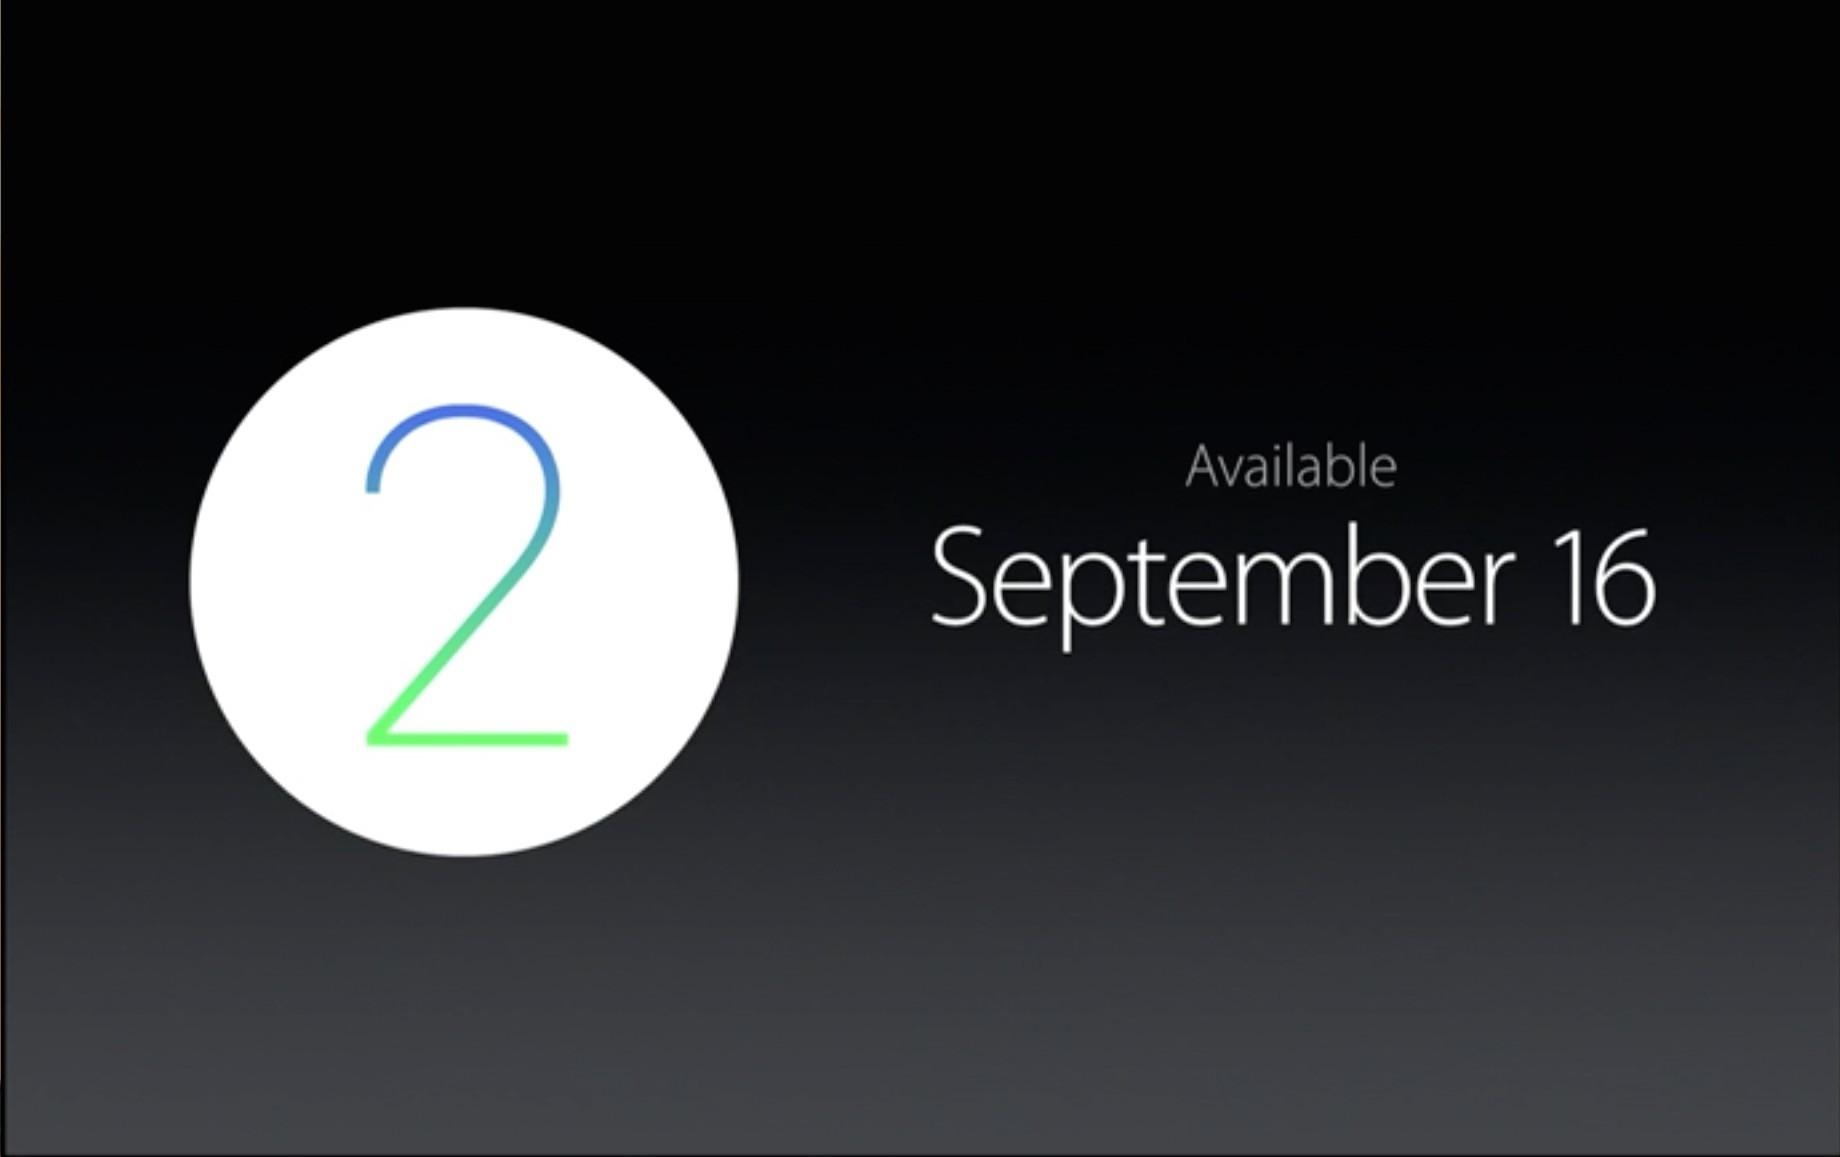 アップル、WatchOS 2を正式発表 9月16日から配信開始